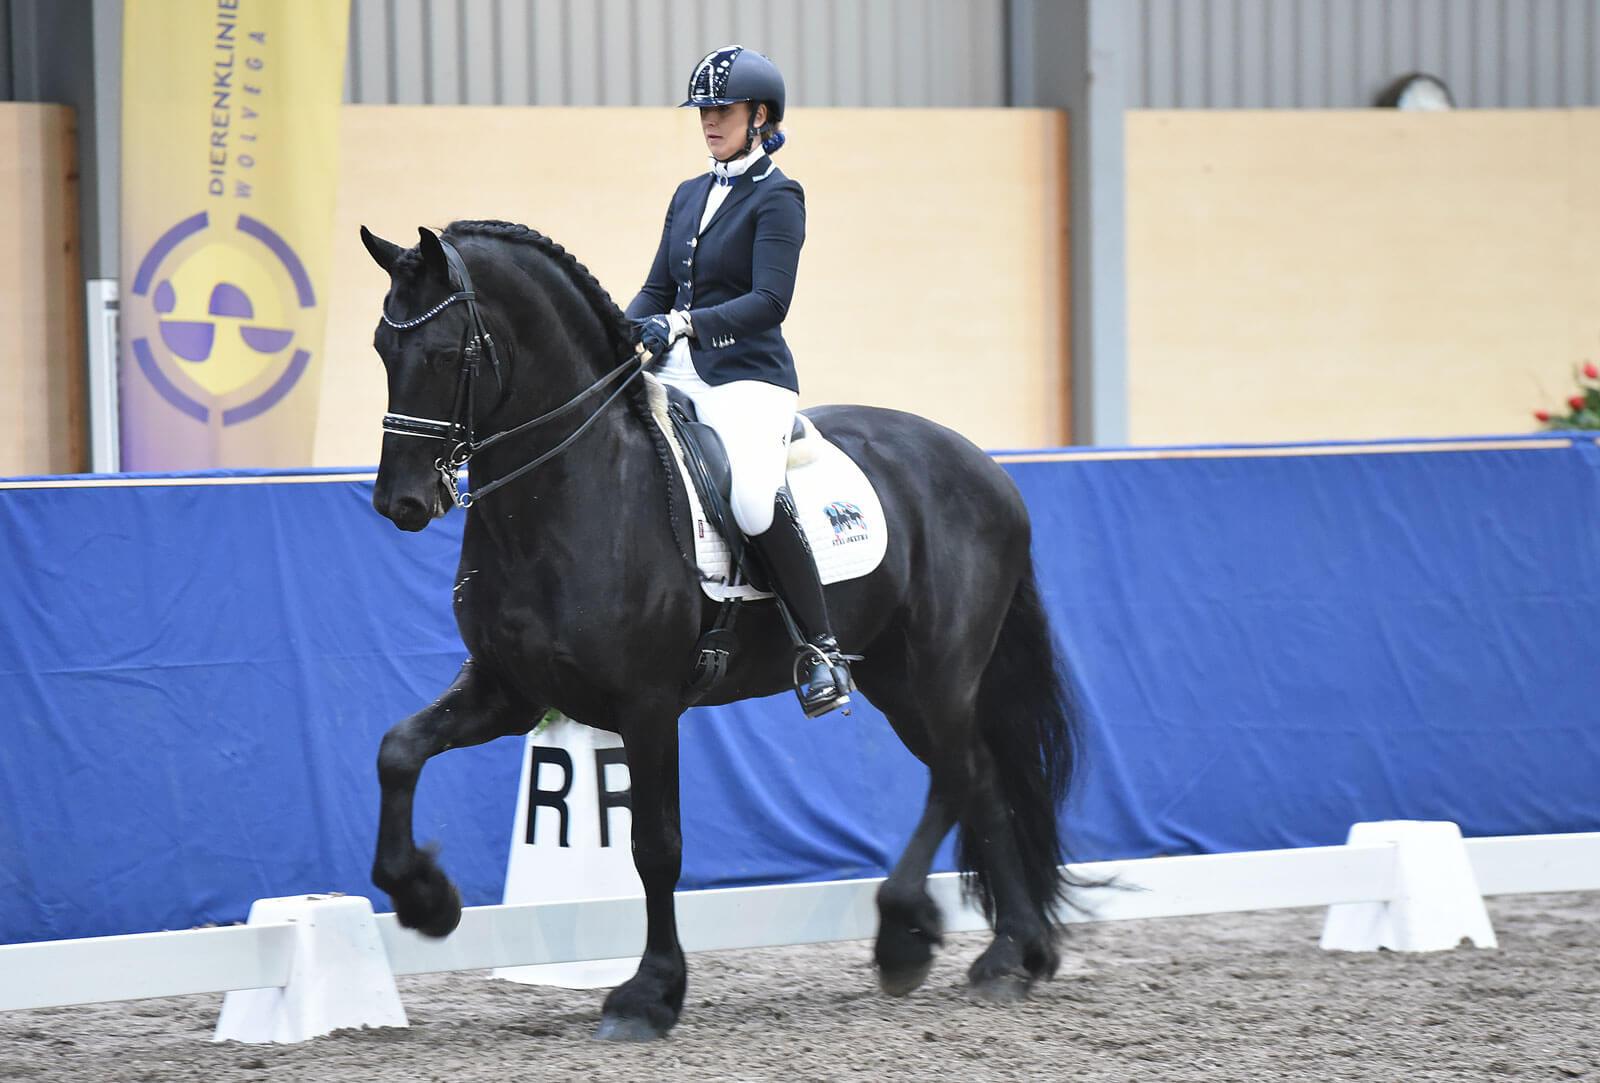 Nederlands Indoorkampioenschap Friese paarden